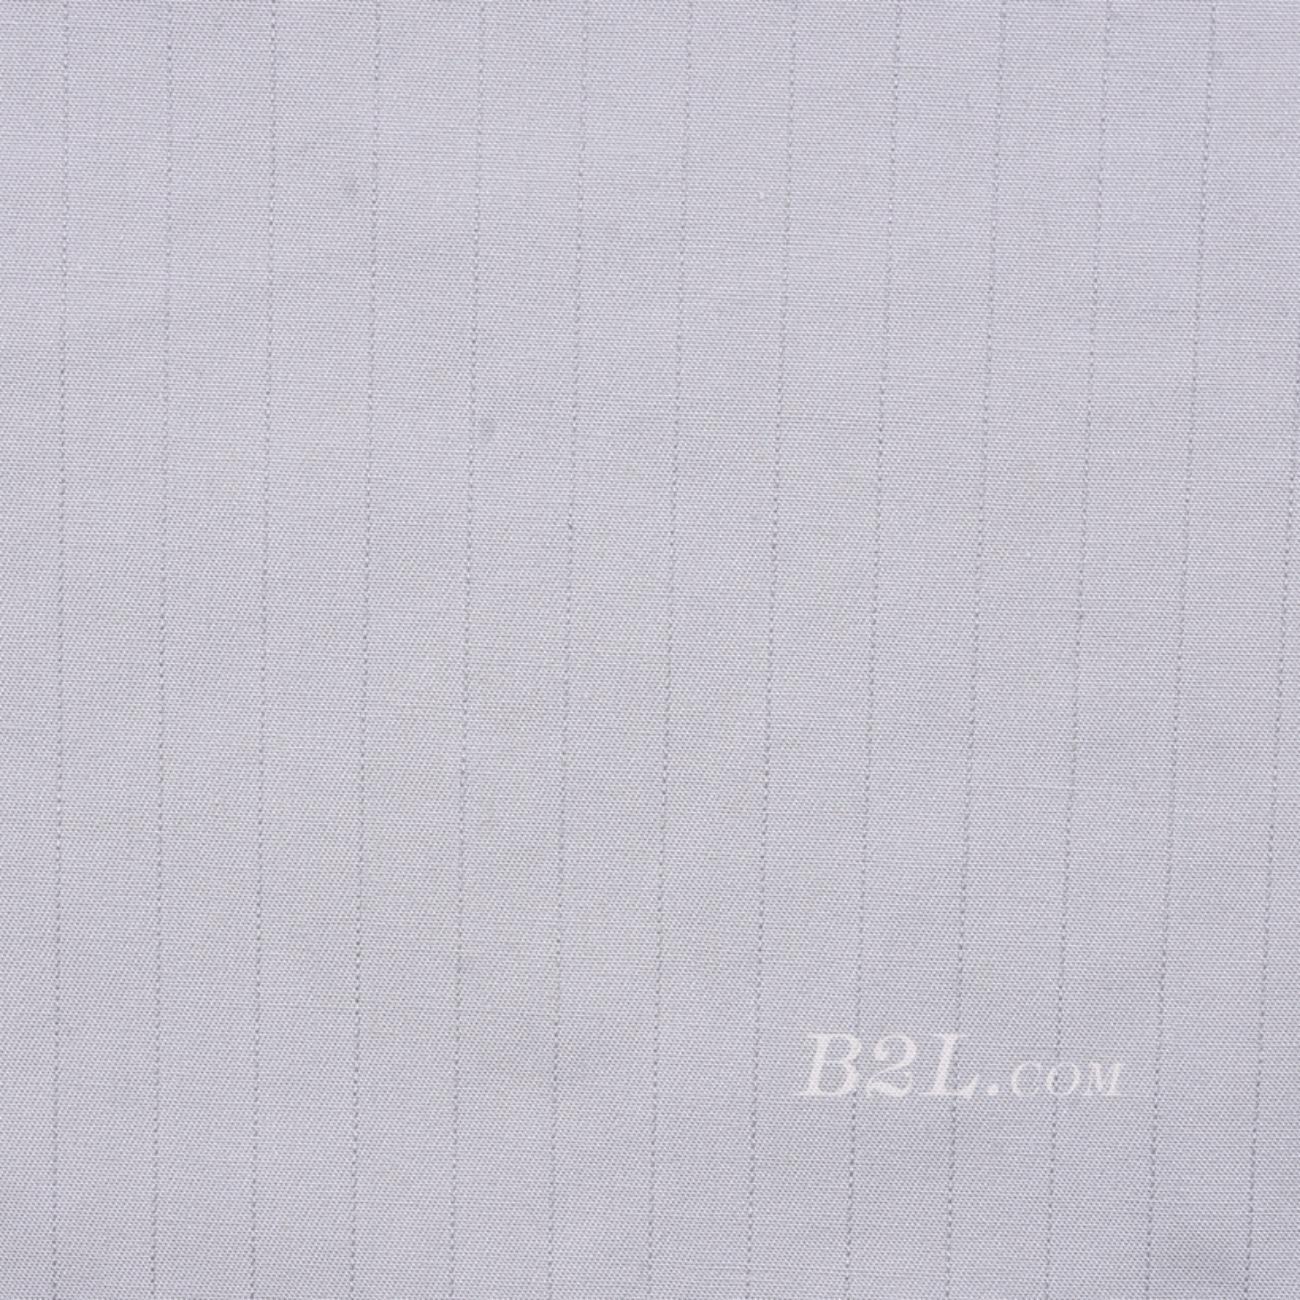 全涤 防静电线卡 制服 素色 梭织 染色 工装 条纹 西装 外套 男装 女装 春秋 70911-27